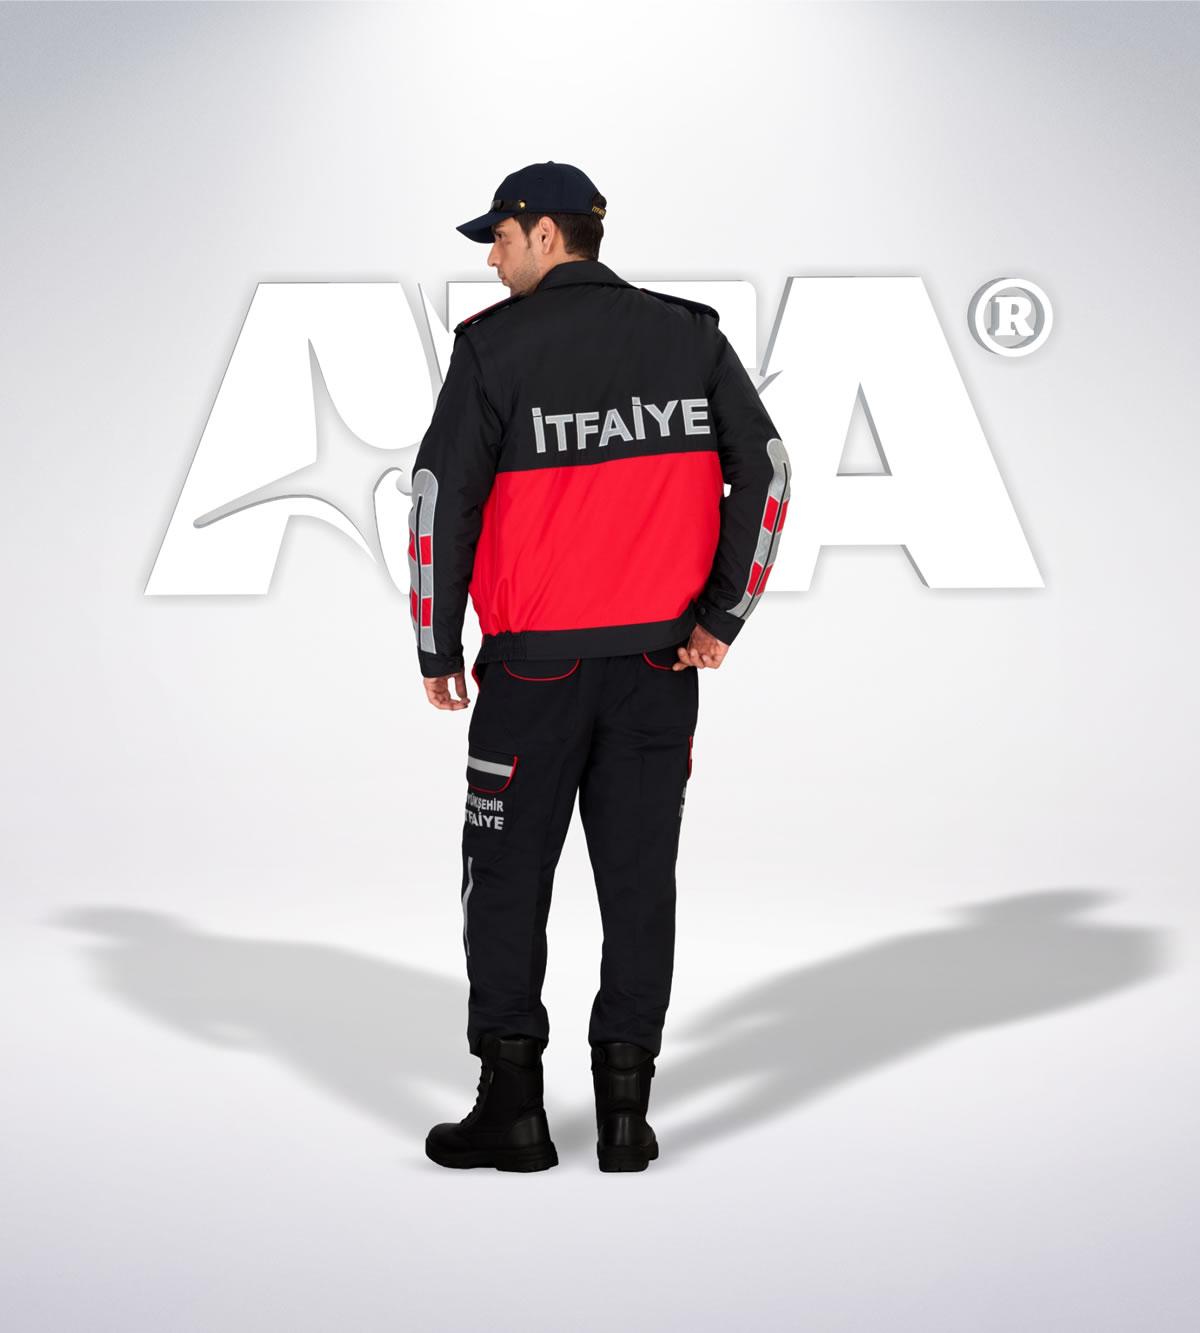 ATA 309 - arka - Pantolon ribstop - mont - aksesuar reflektör - itfaiye elbiseleri | itfaiye üniformaları | itfaiye kıyafetleri